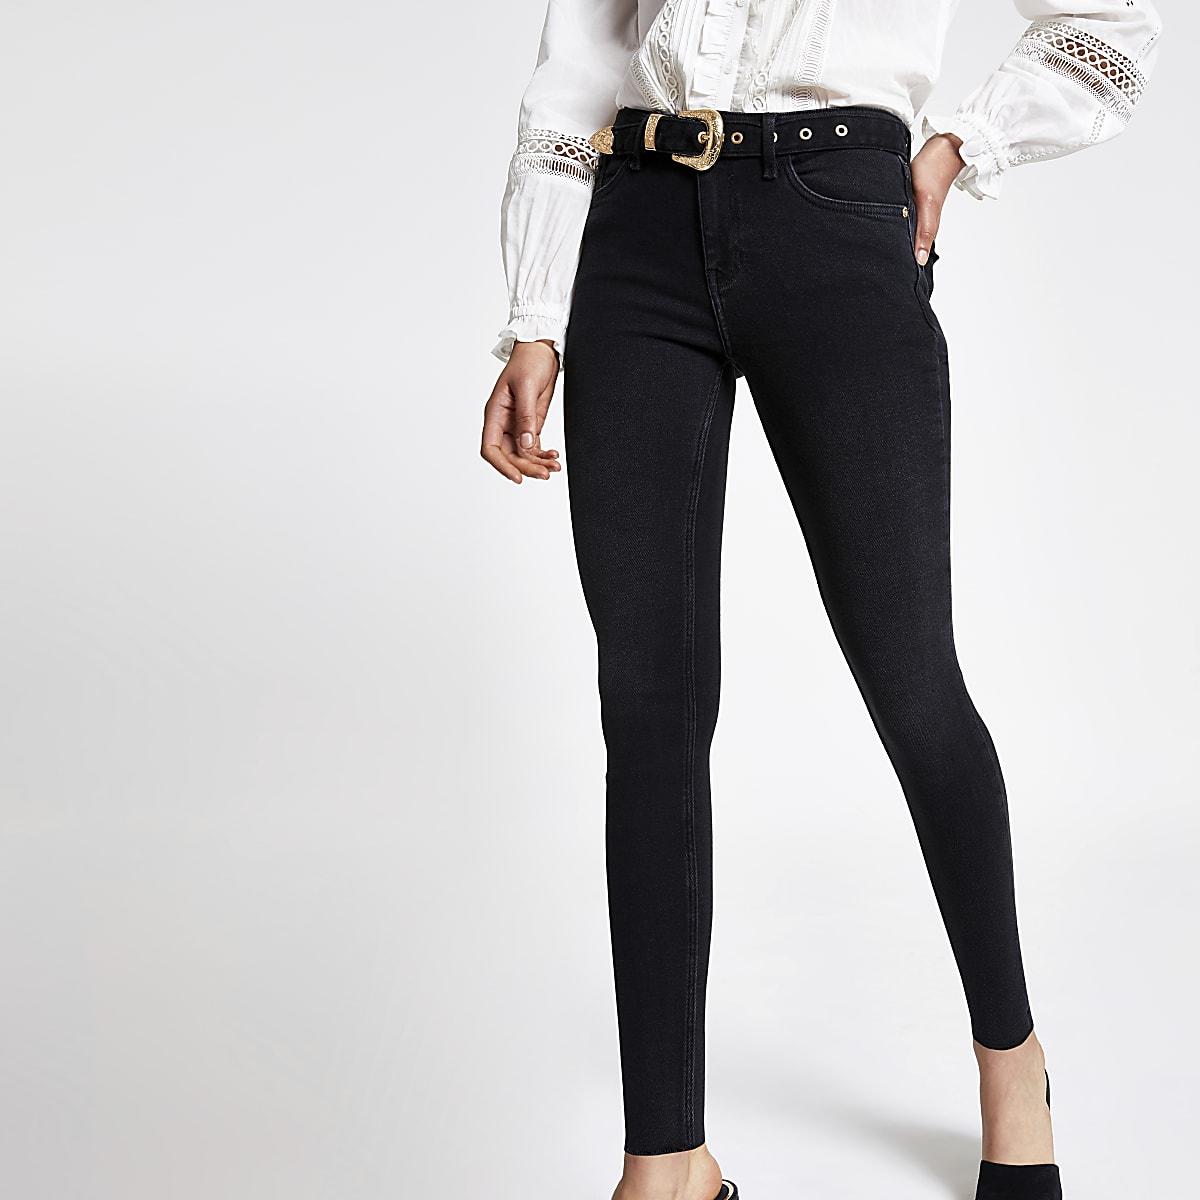 Amelie – Jean super skinny noir à ceinture